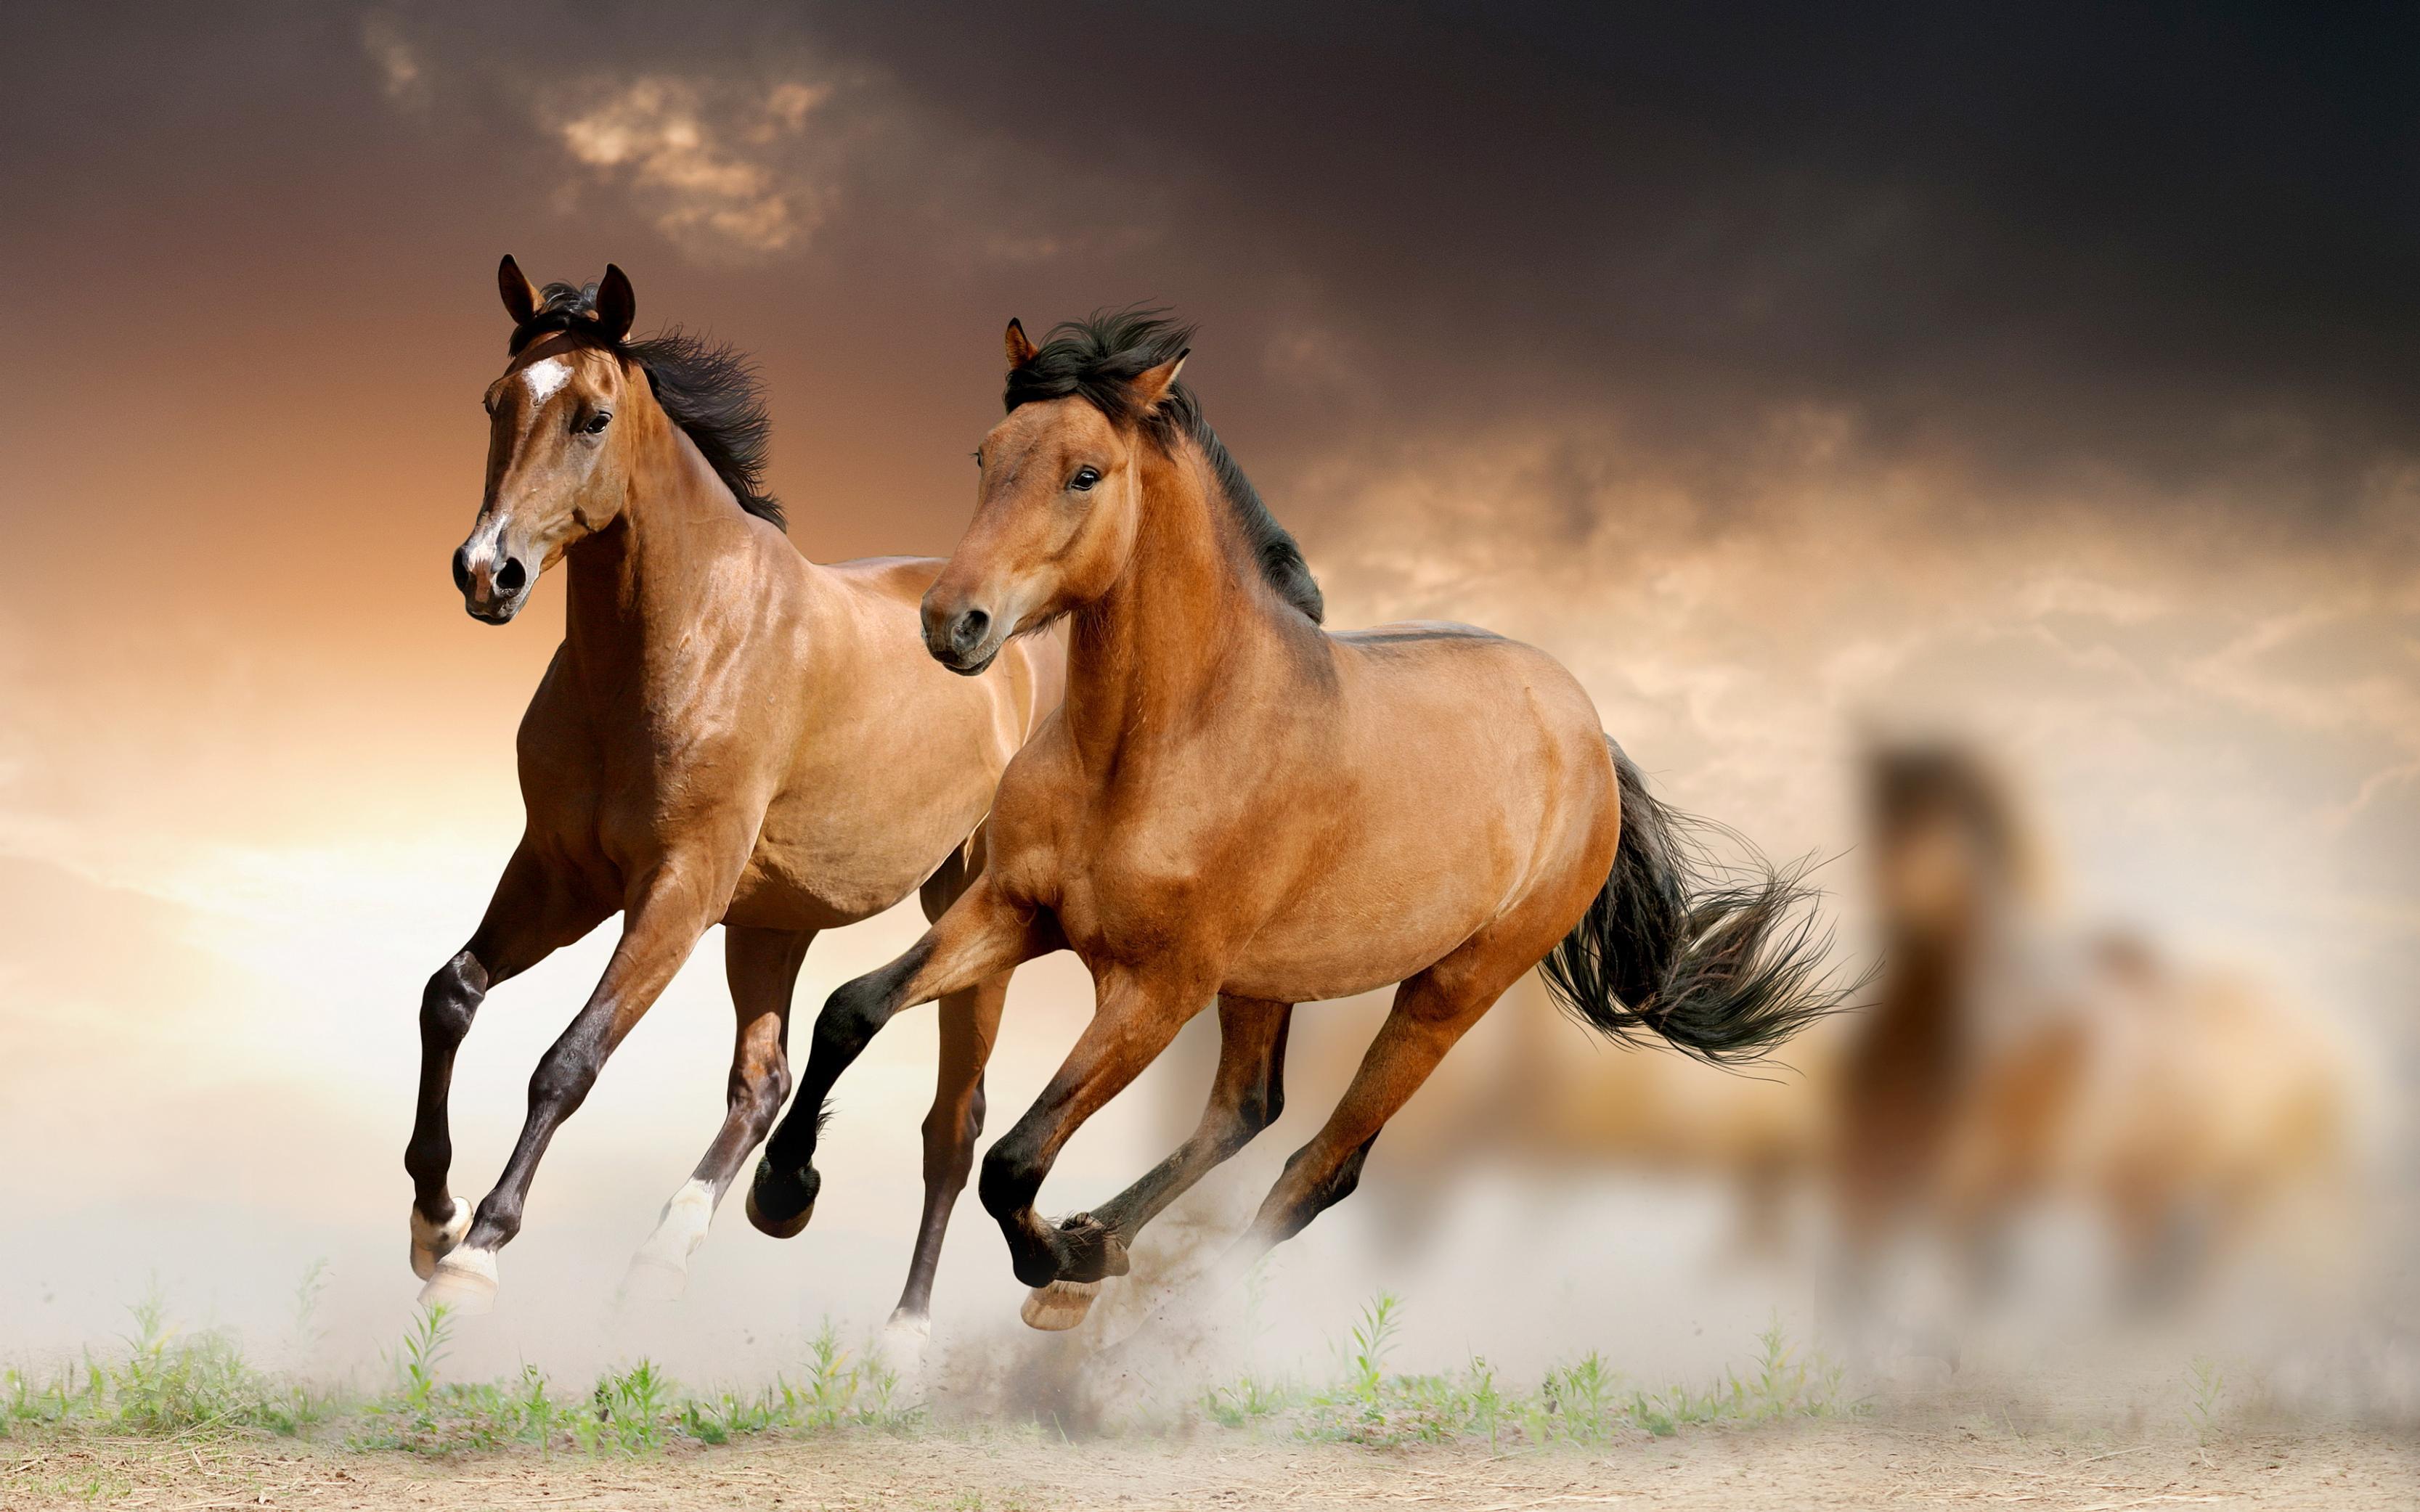 بالصور صور حصان , صور خيل حلوه 1178 6